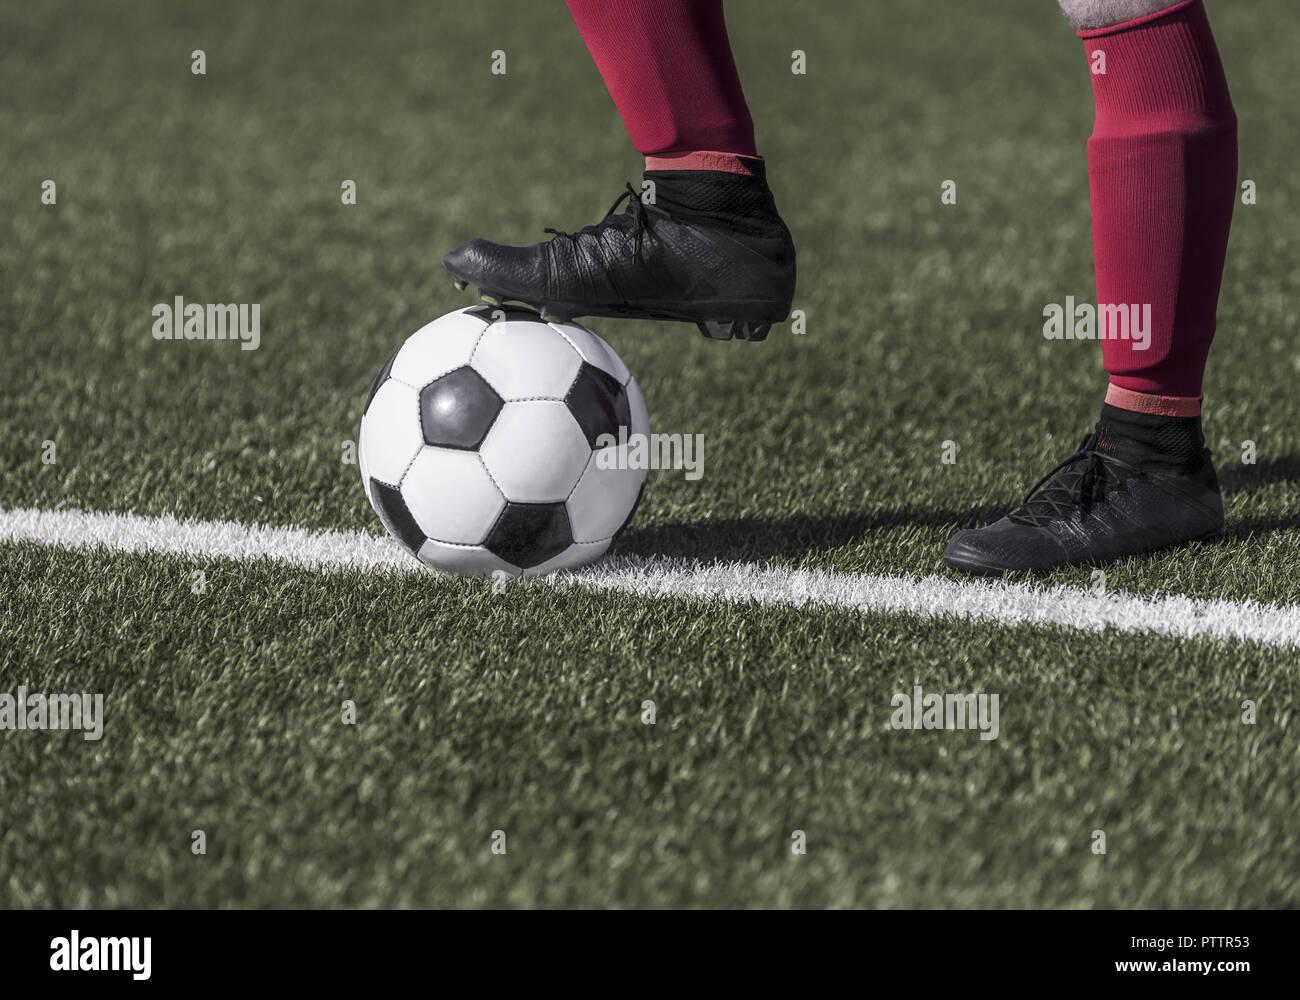 Fussballer haelt Ball mit Fuss, Nahaufnahme (model-released) - Stock Image